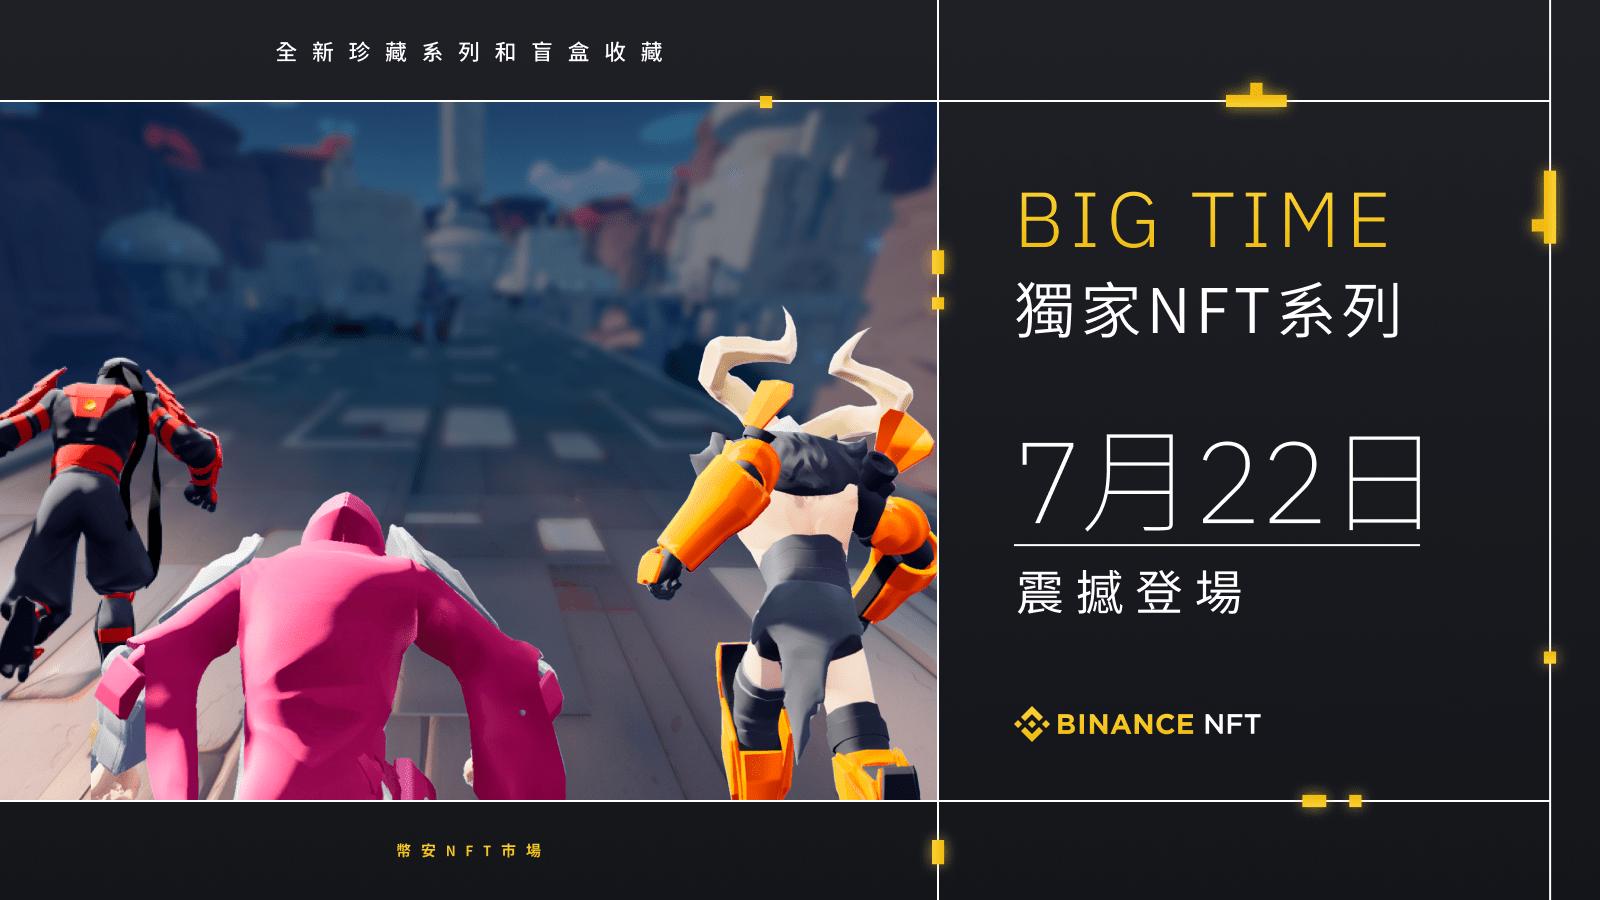 """幣安NFT市場推出 """"Big Time"""" 獨家首發NFT系列,含遊戲VIP 早期通行證、精彩遊戲動作瞬間、超時空明信片、等盲盒系列!"""